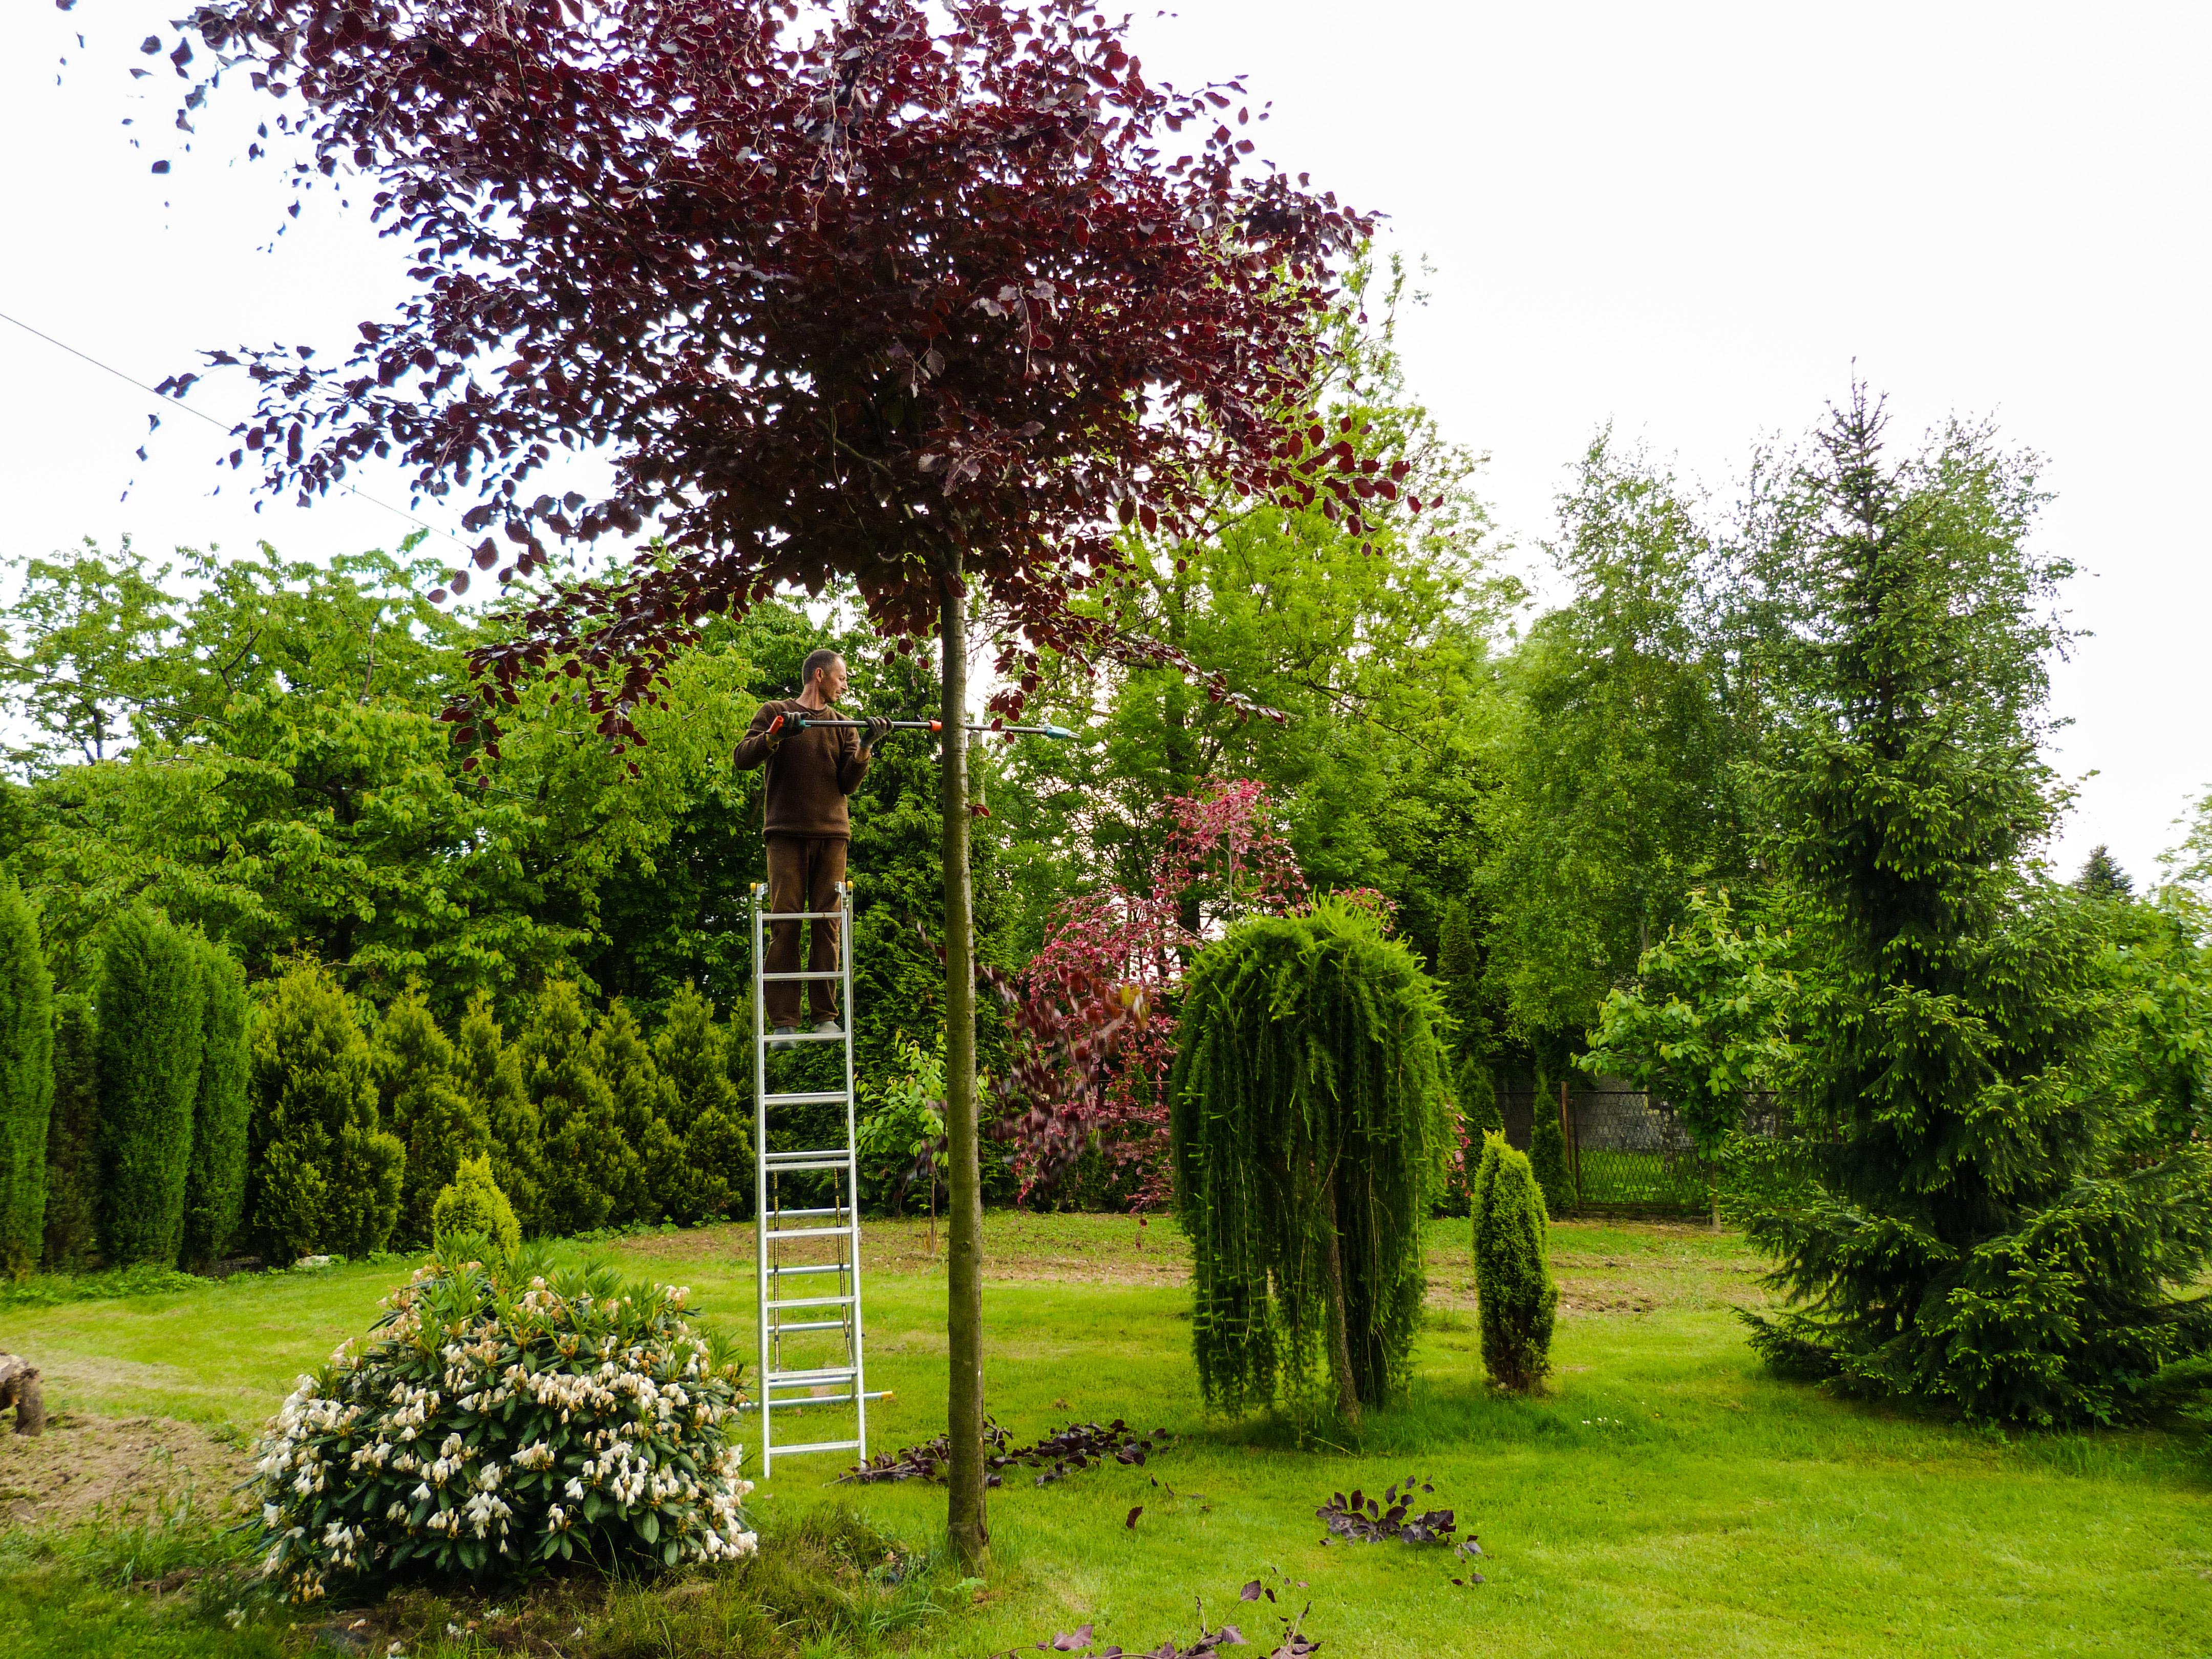 5581cd16f1139 Nasz ogród pełen kolorów - Mój Piękny Ogród - Ogrody ozdobne ...